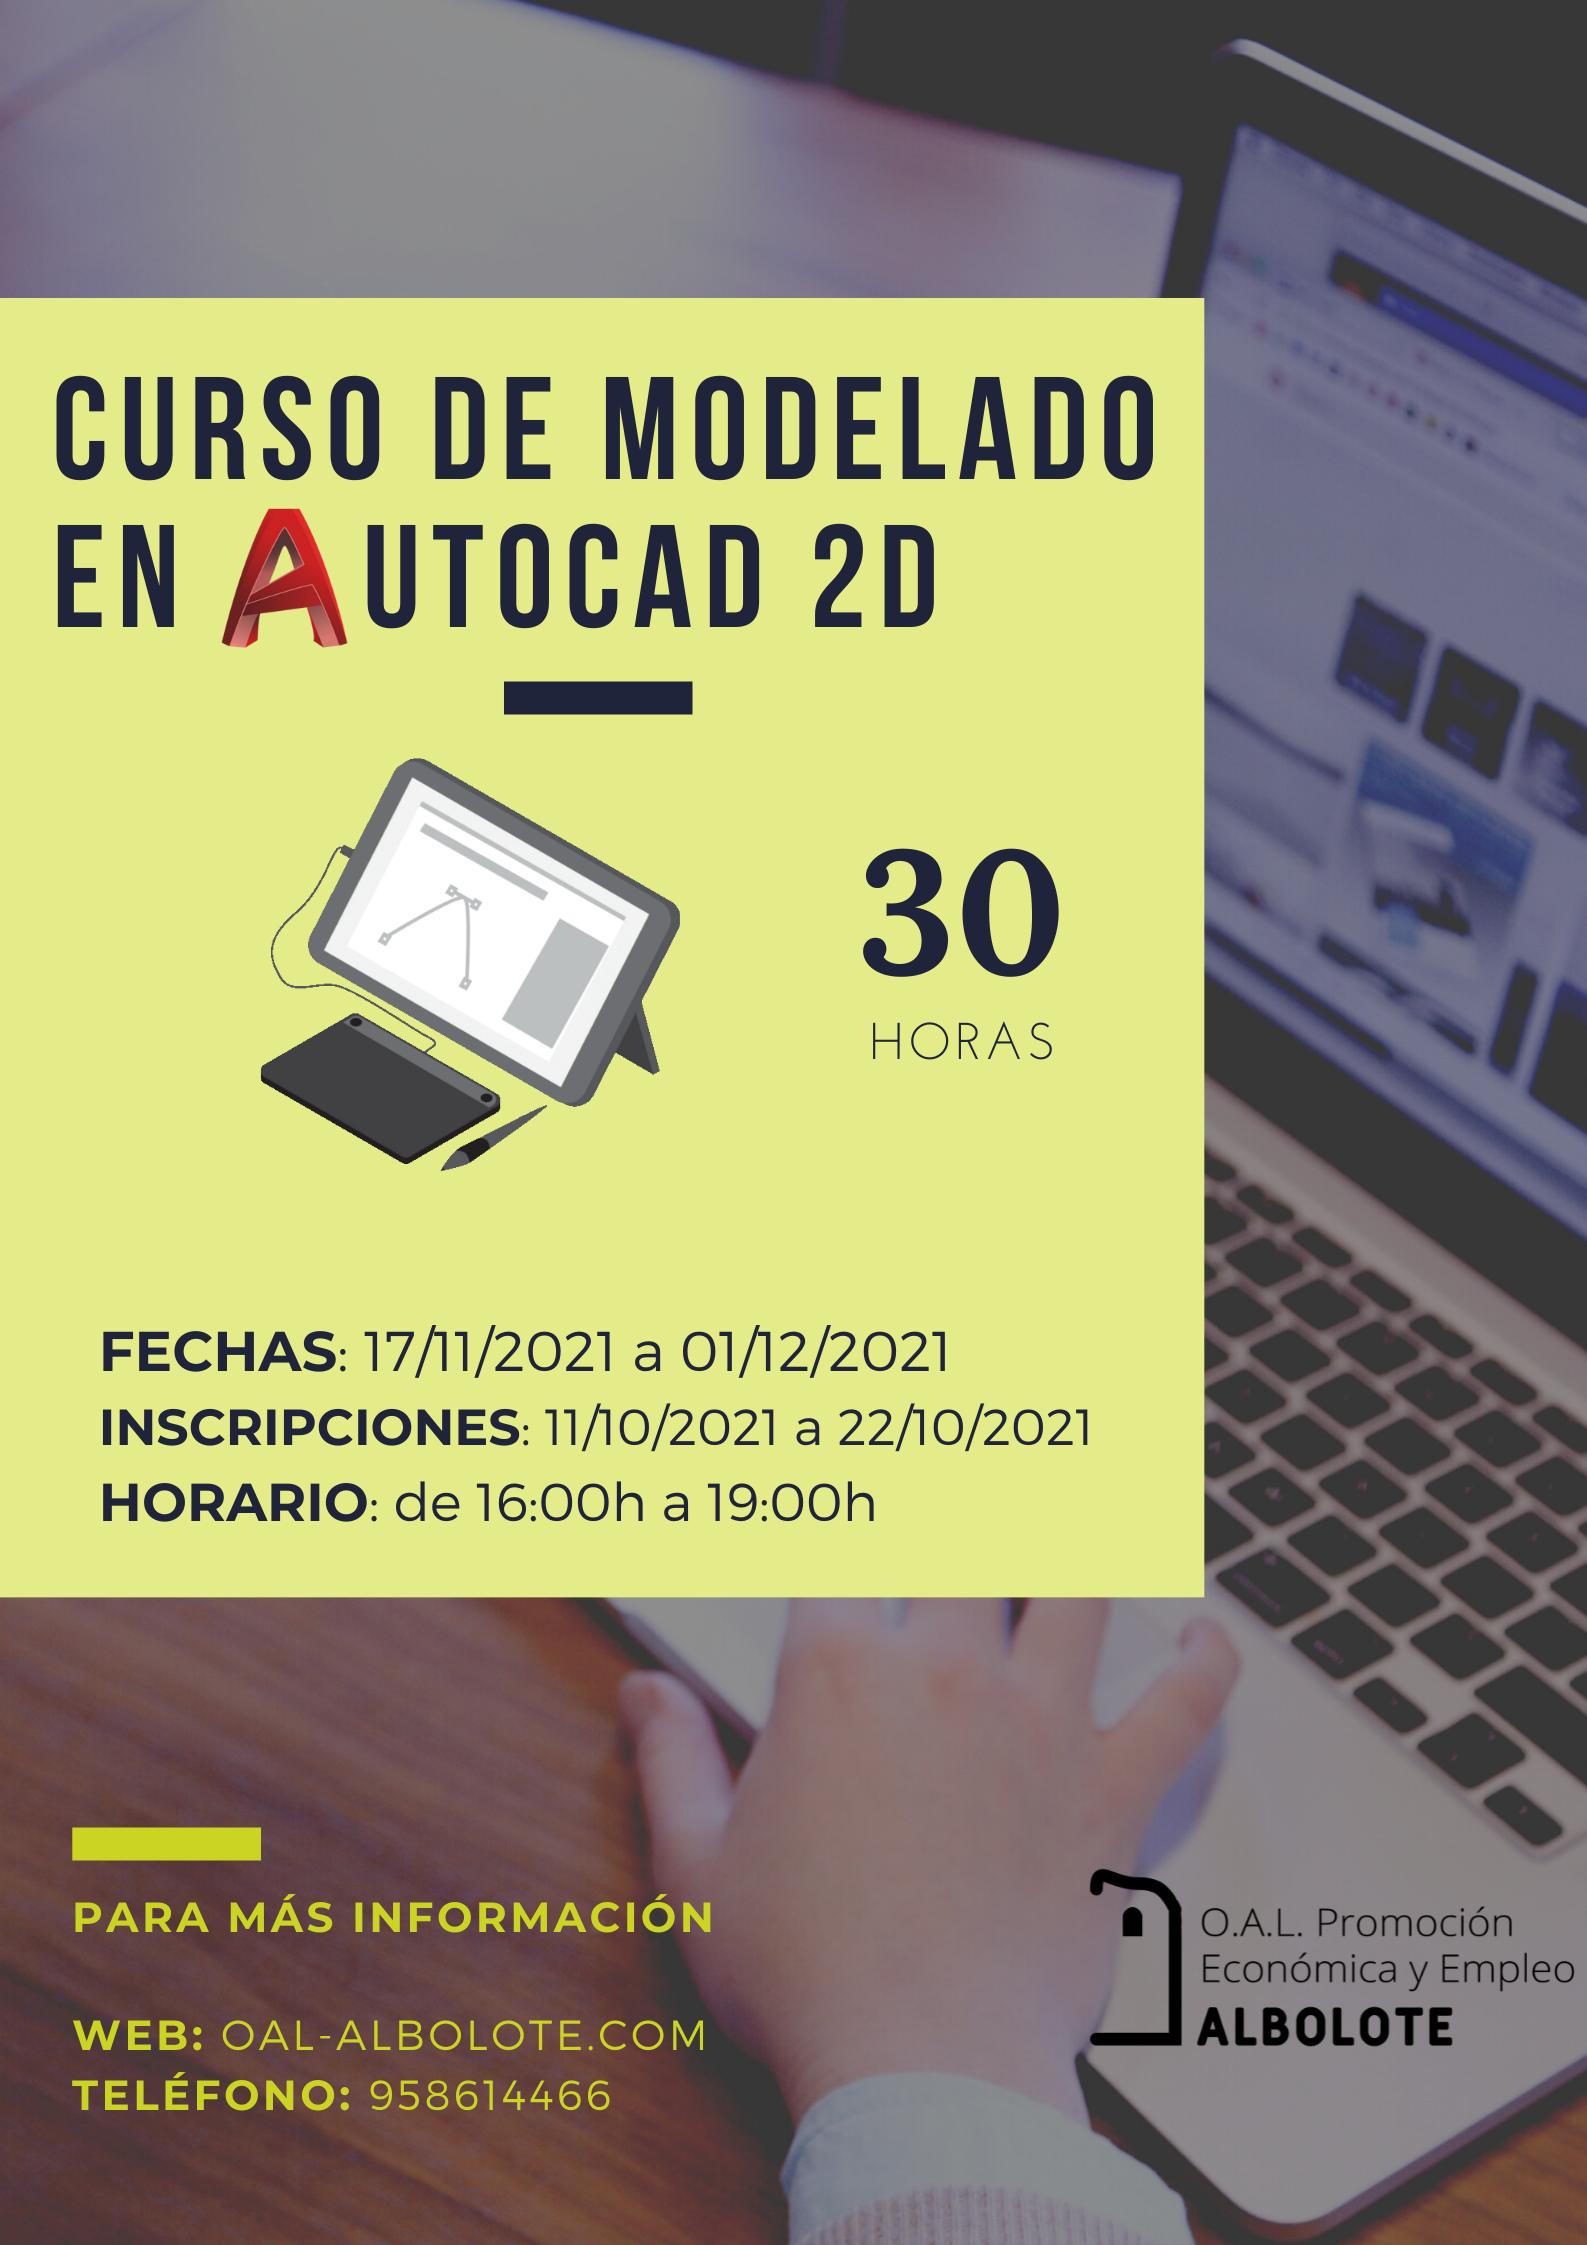 CURSO DE MODELADO EN AUTOCAD EN 2D